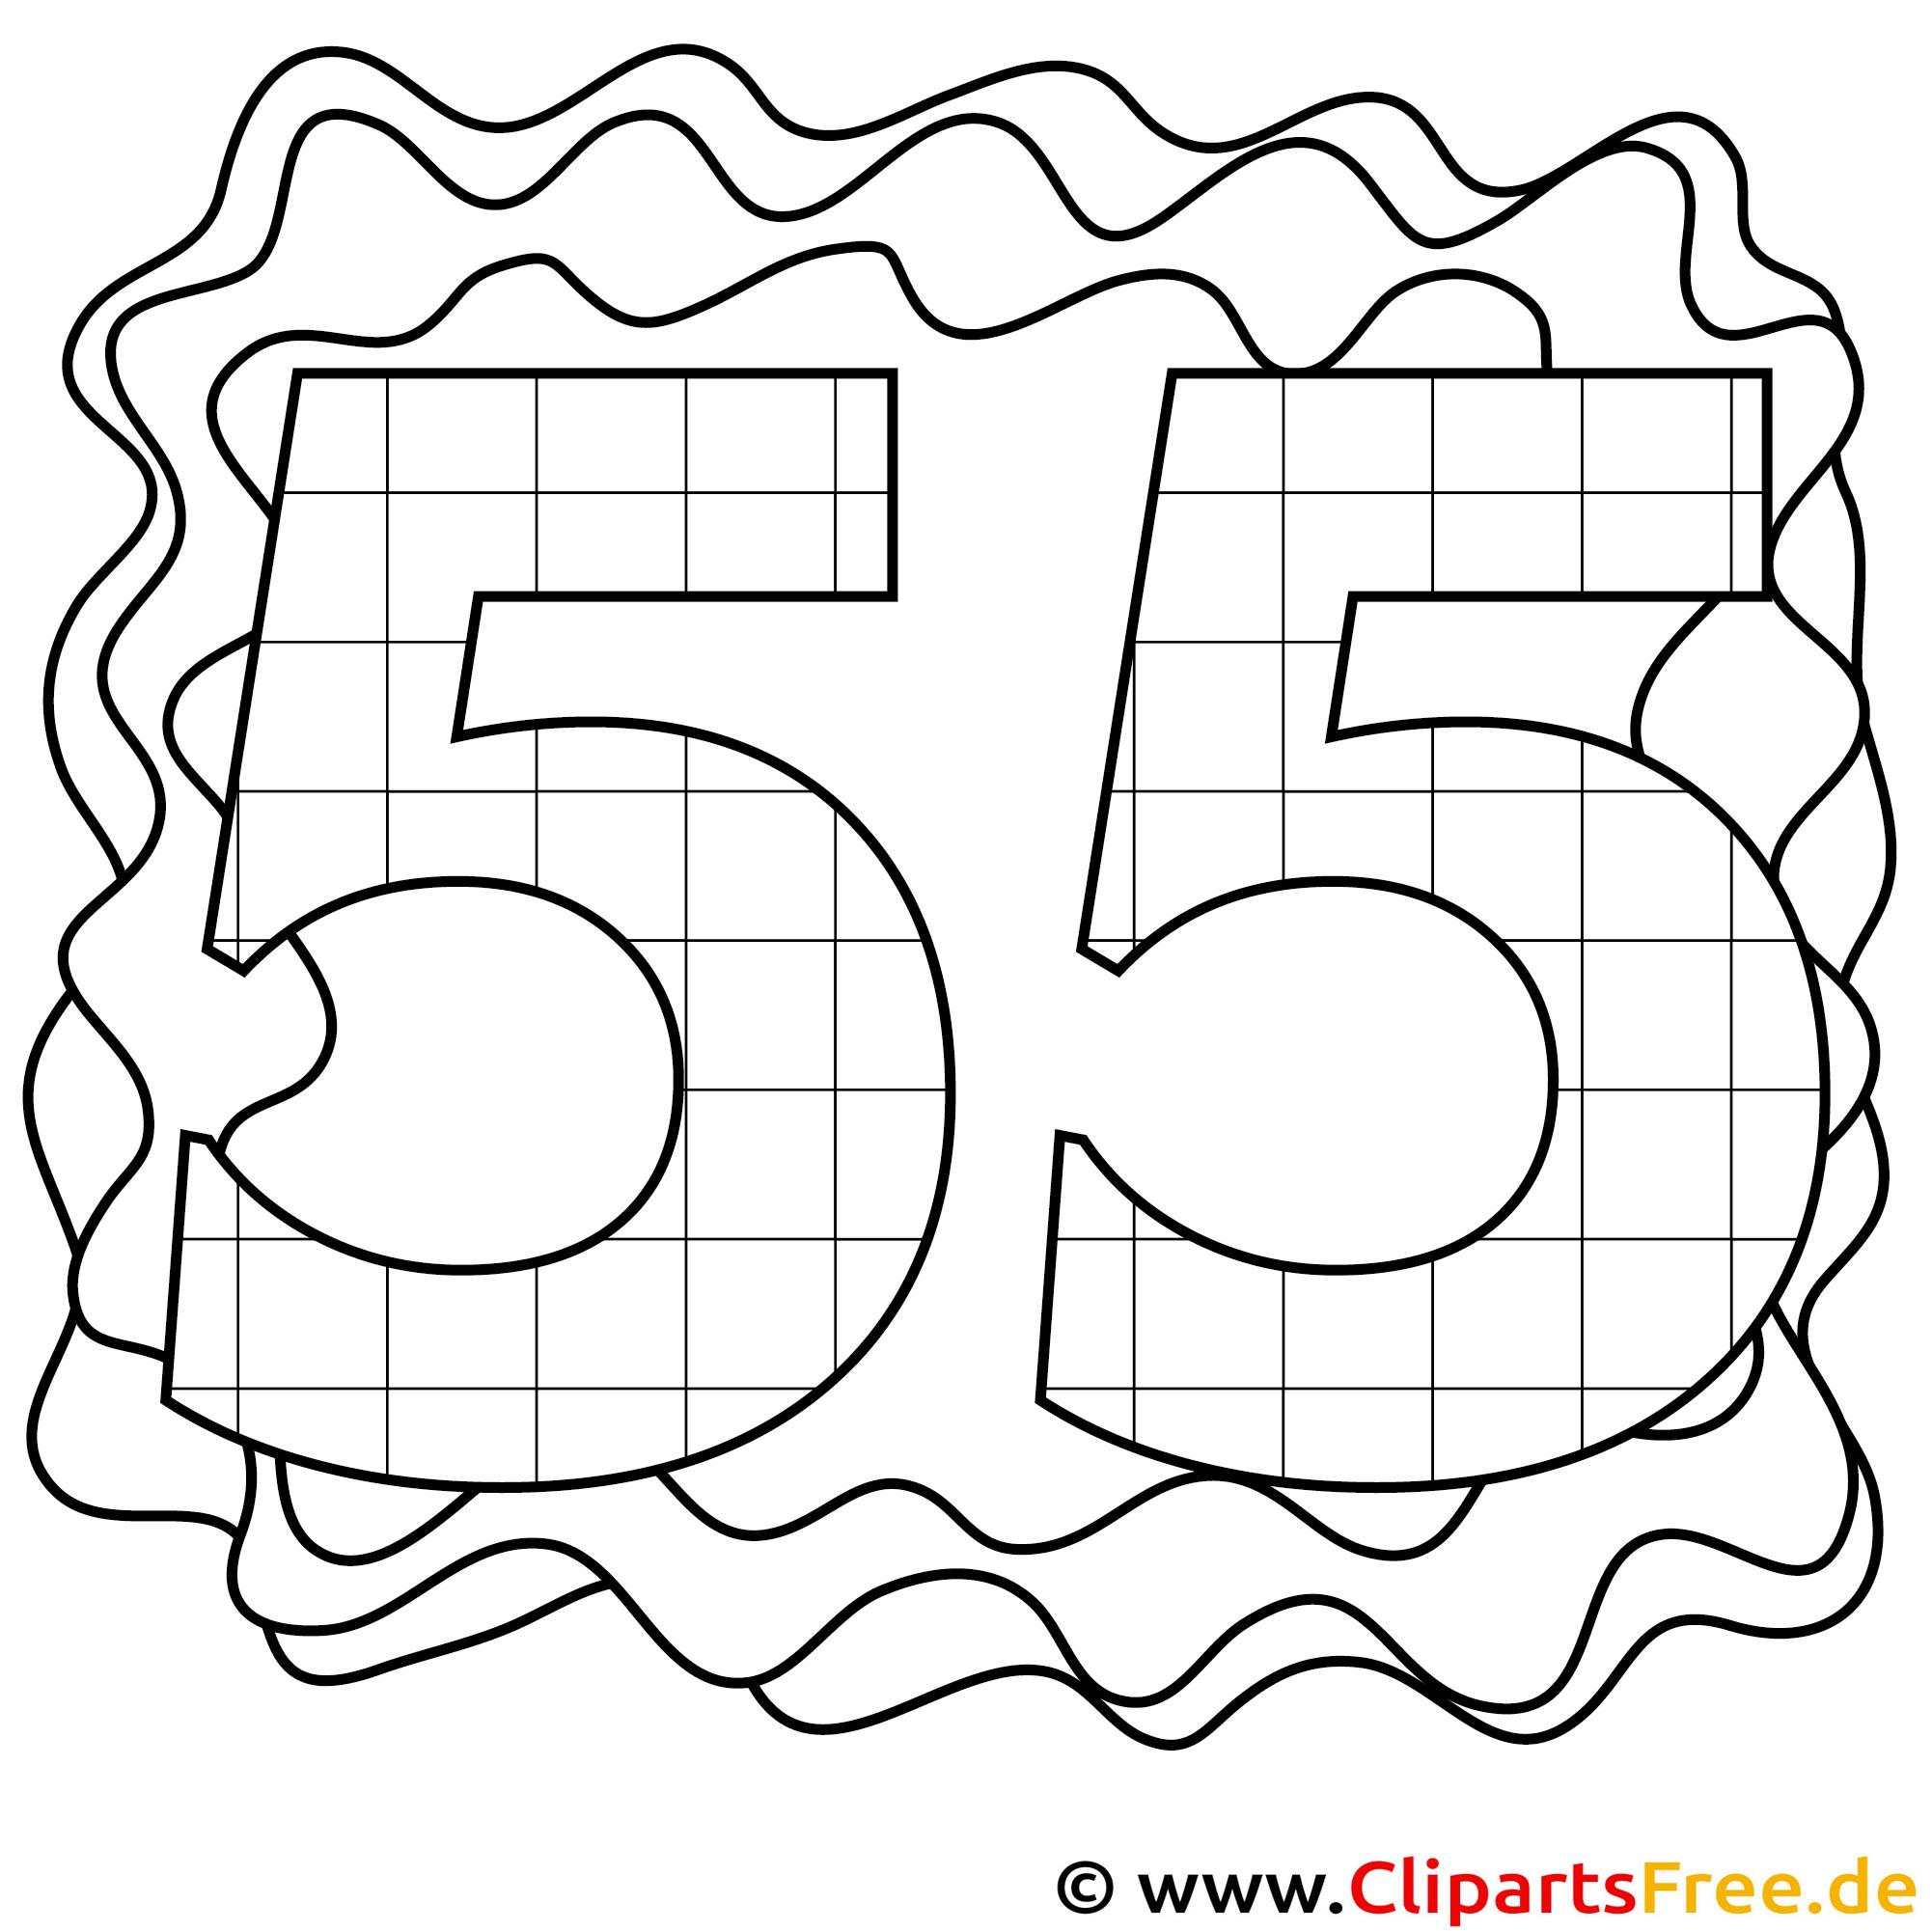 Zahl 55 - Vorlage zum Ausmalen